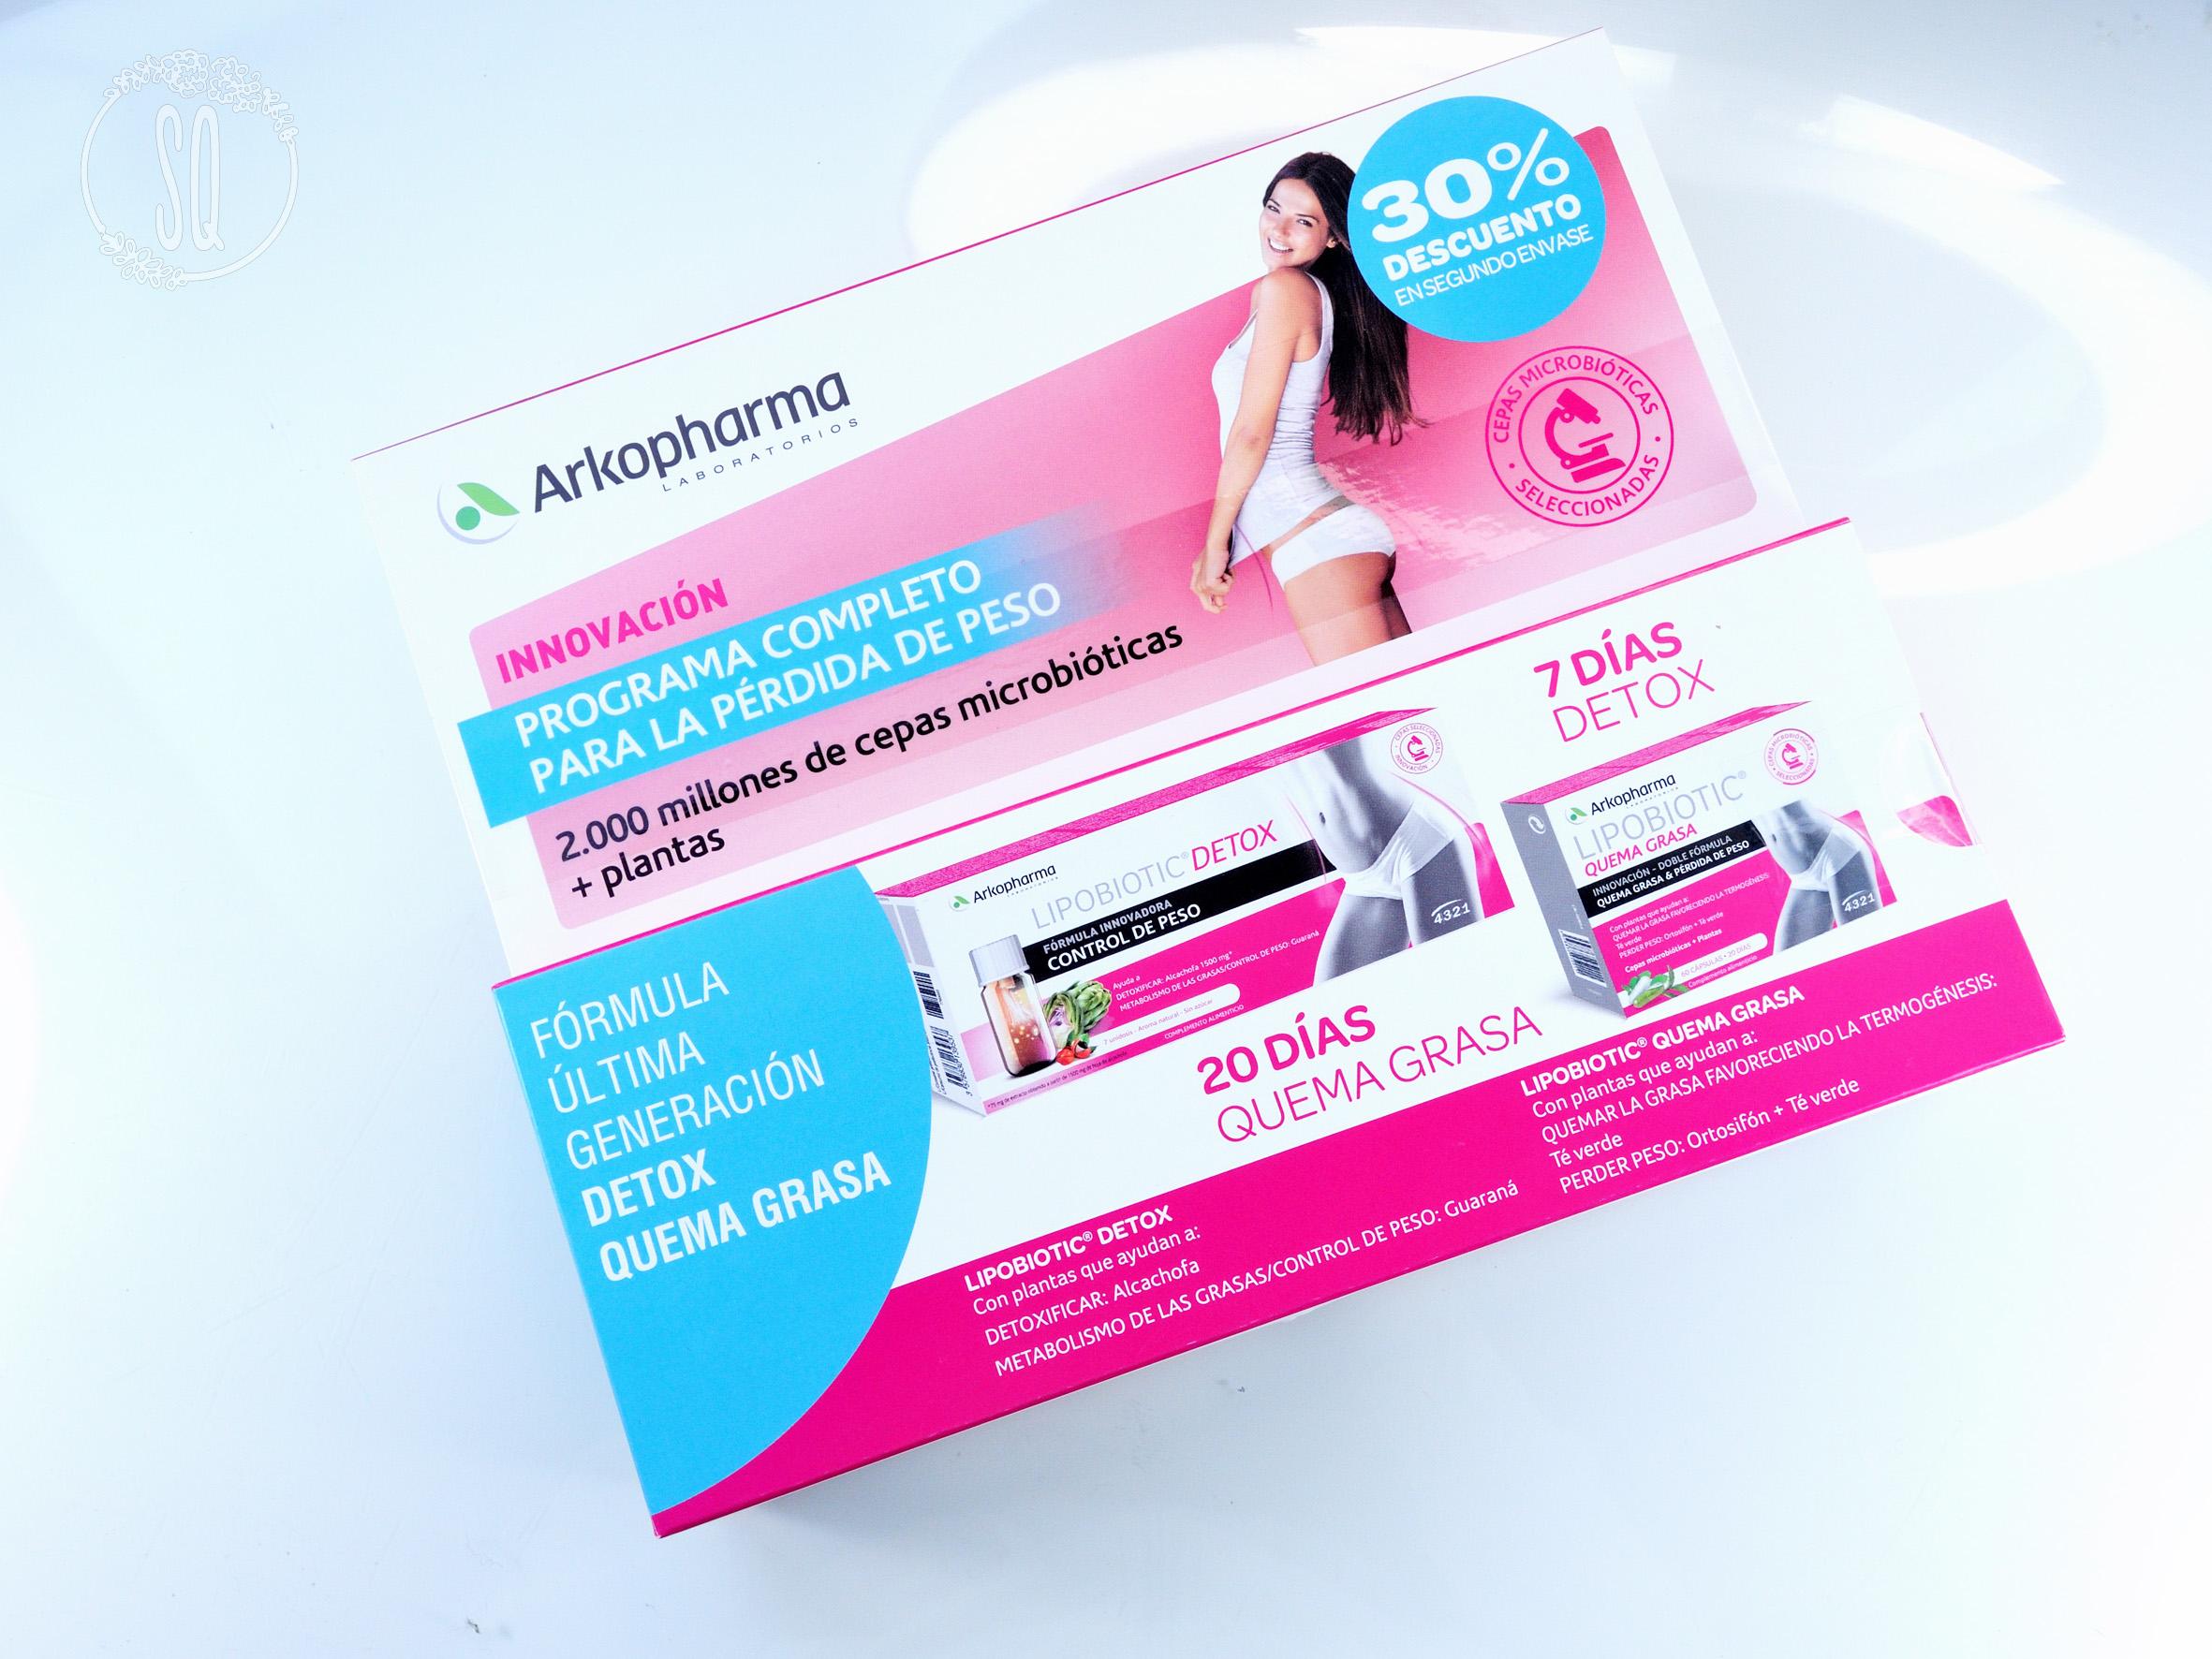 El añadido perfecto a tu operación bikini con Arkopharma